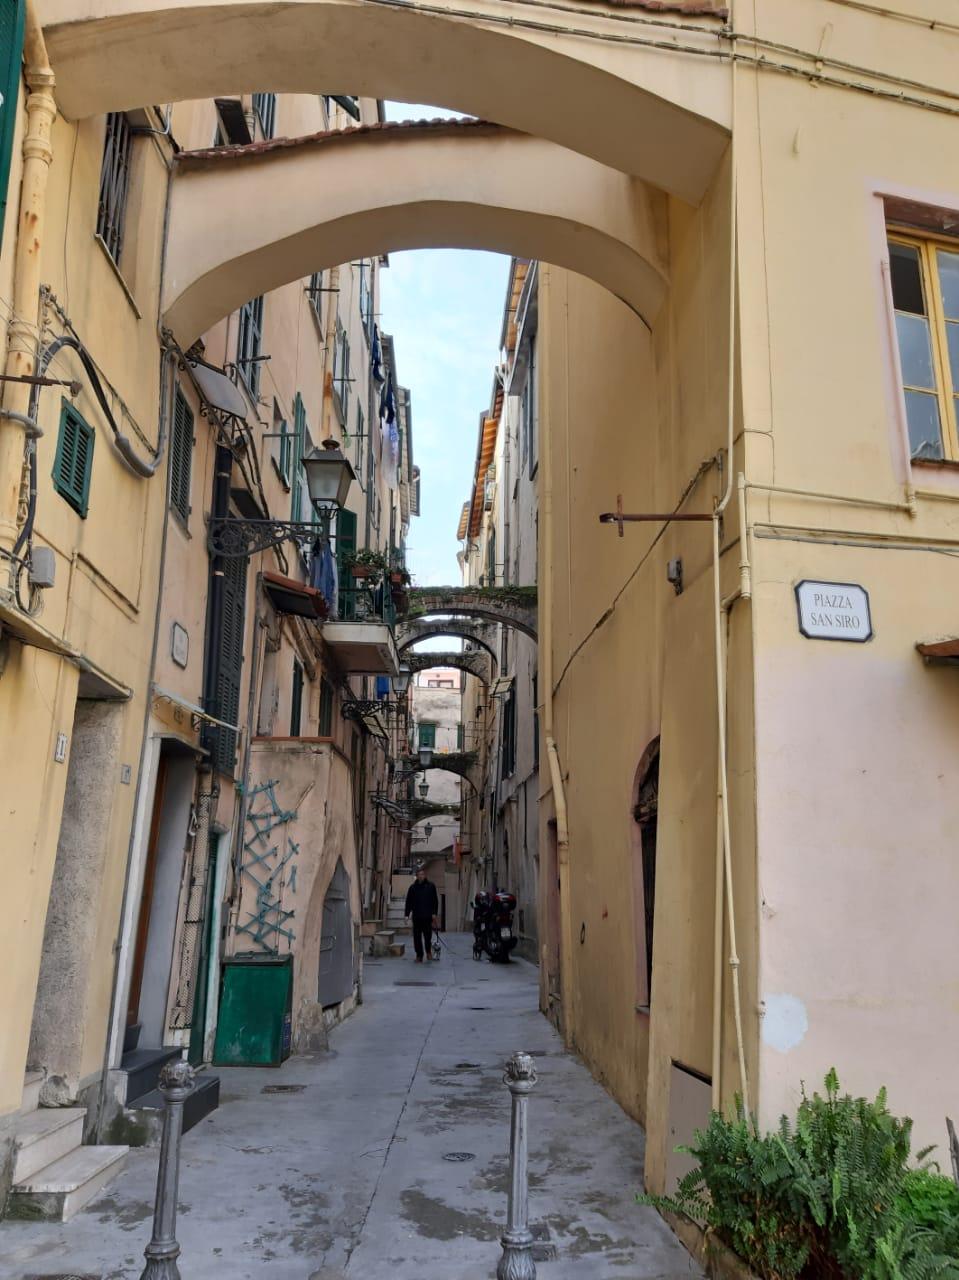 Zentrum von Sanremo